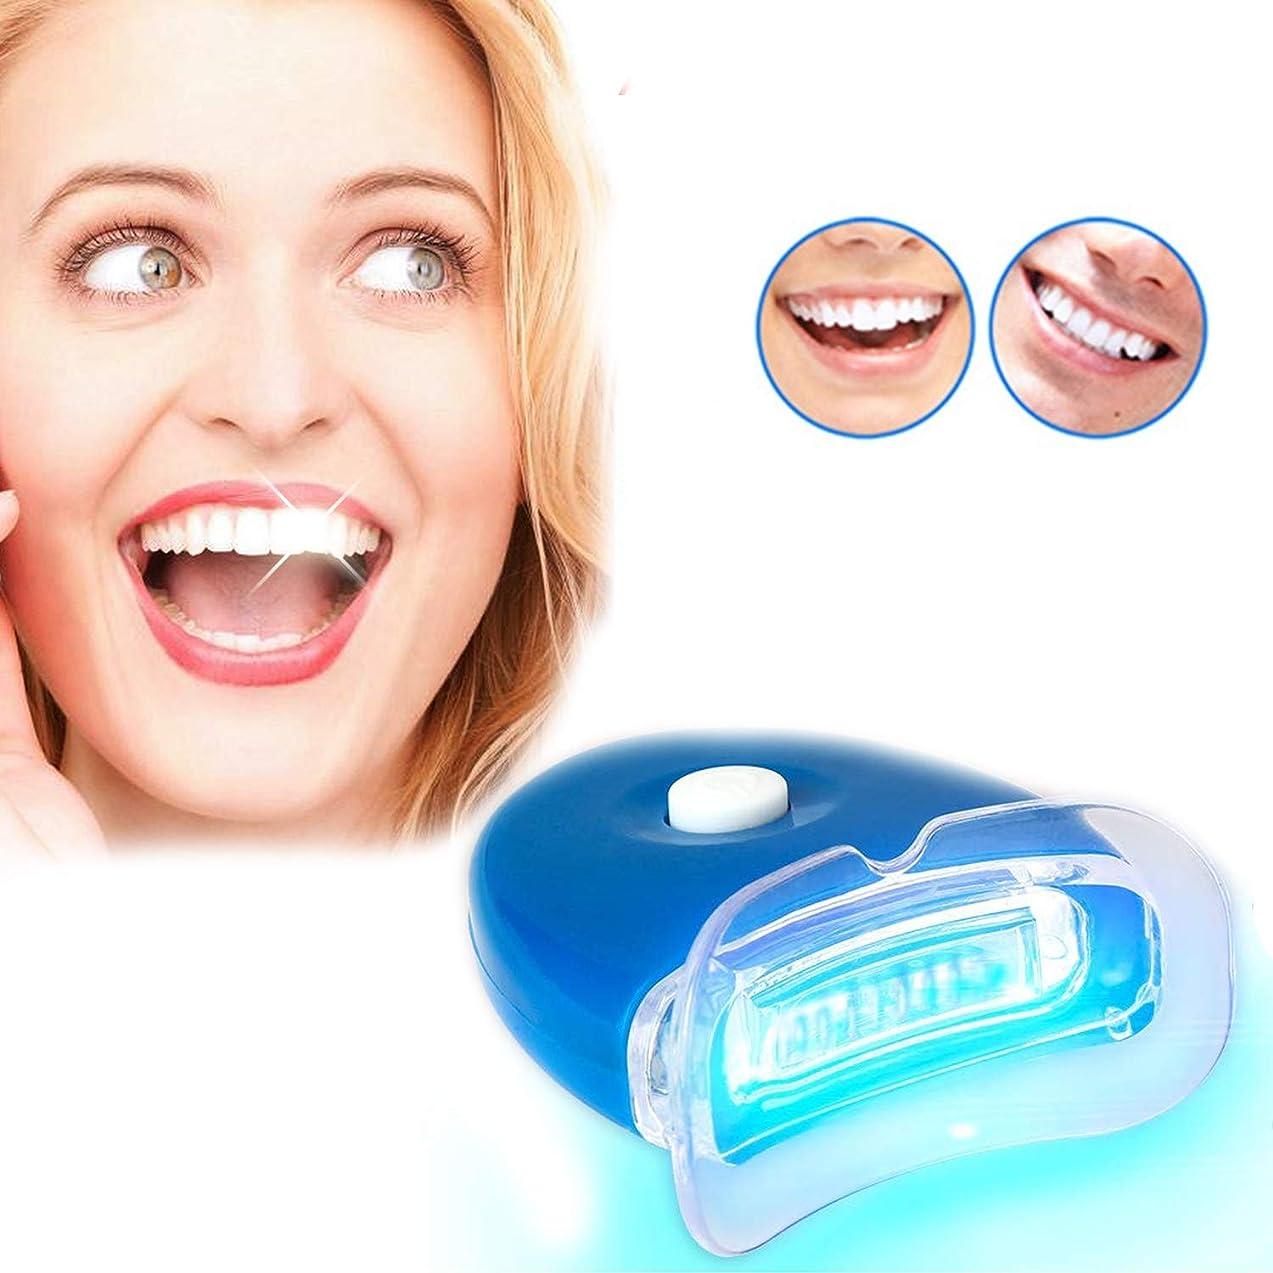 マティス約設定扱いやすい健康な十代の若者たちの歯の心配のための軽い歯科冷たいライトホワイトナーのクリーニング用具を白くするLEDの歯